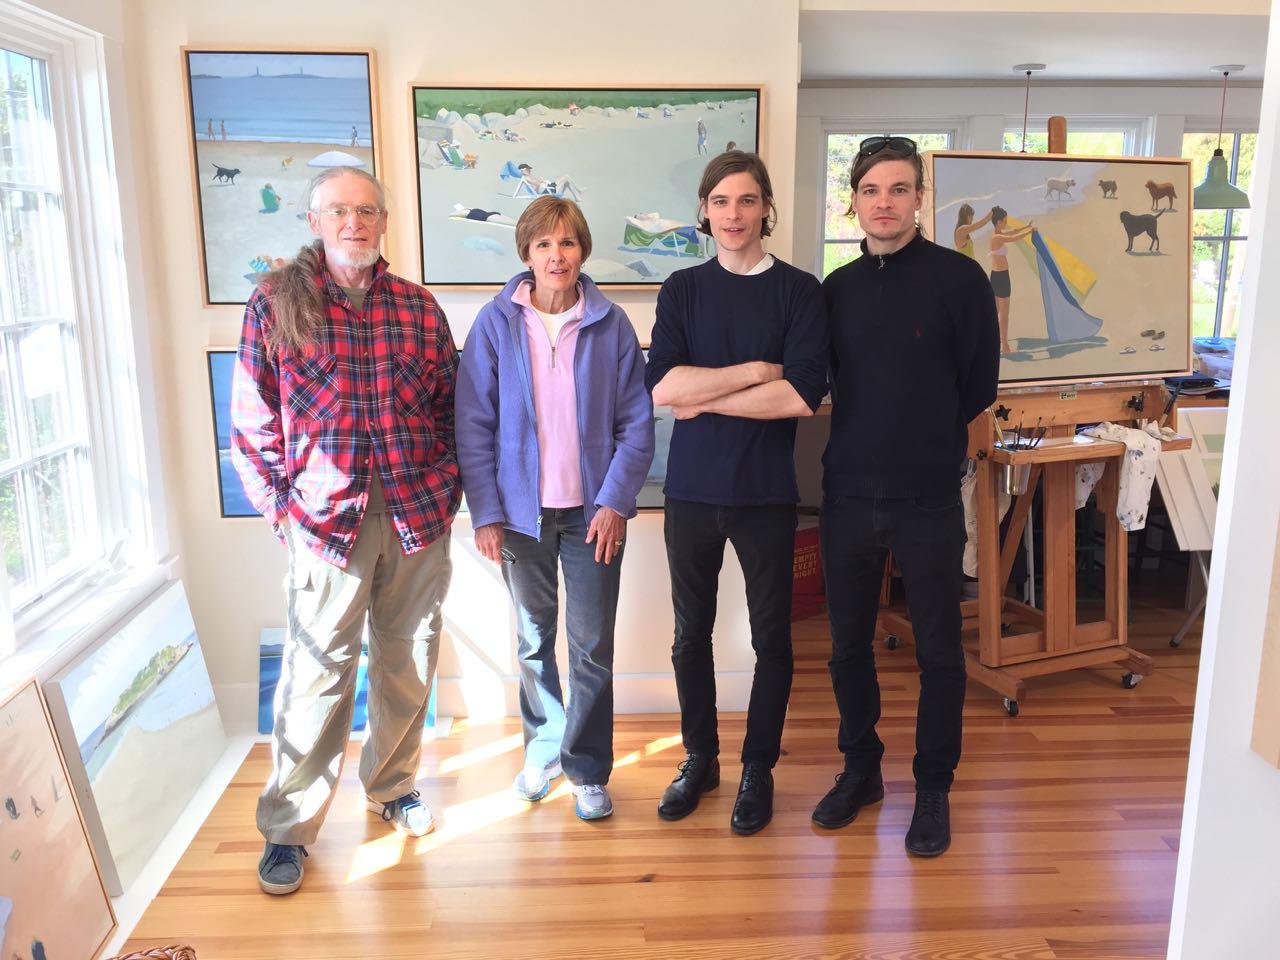 Steve, Cheryl, Mike, and Dan visit the studio